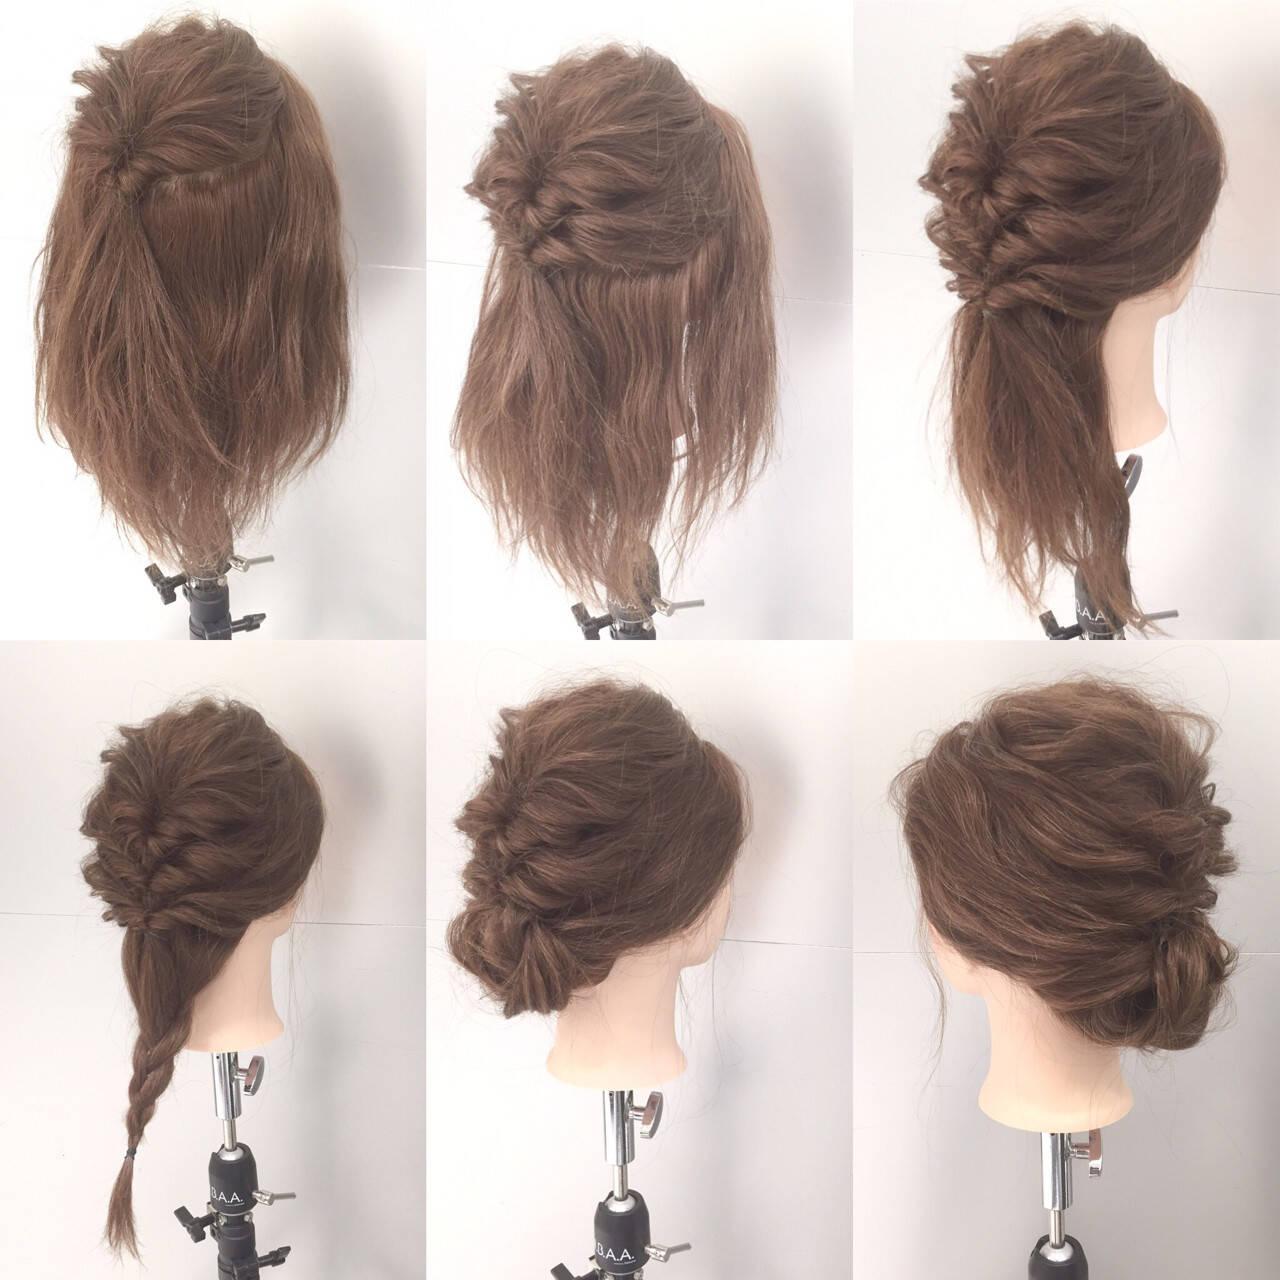 セミロング ヘアアレンジ 簡単ヘアアレンジ ショートヘアスタイルや髪型の写真・画像